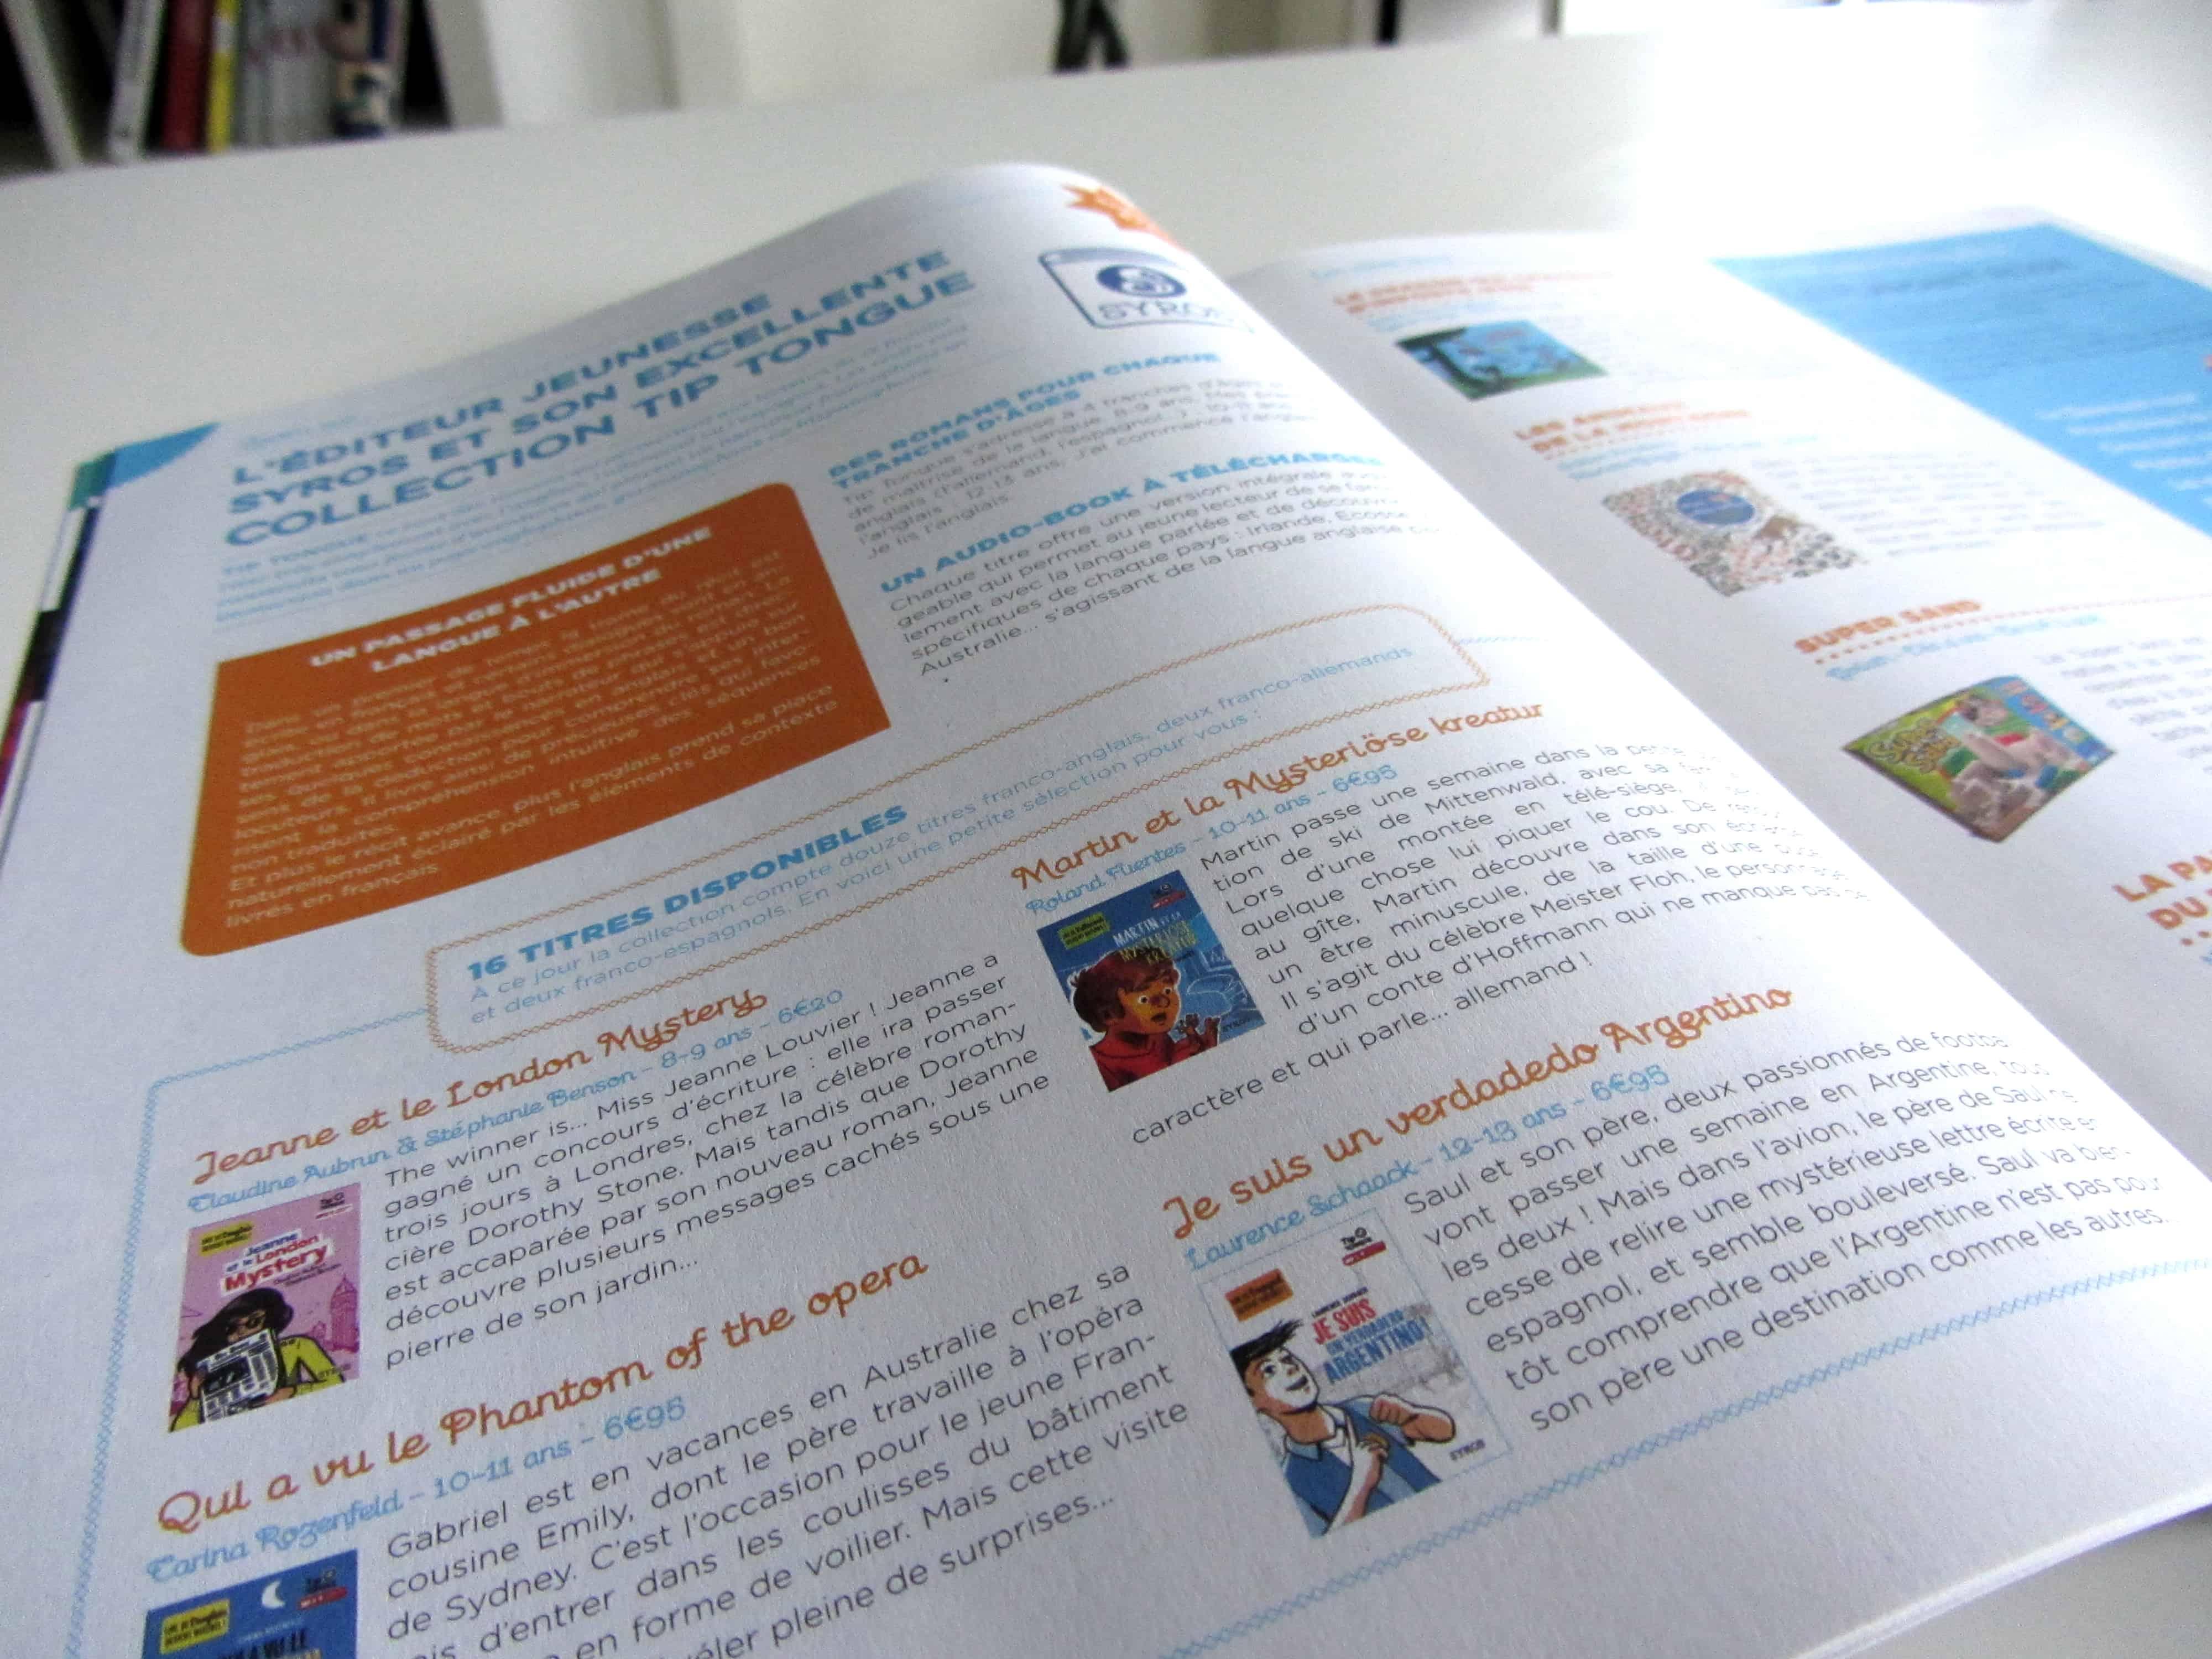 mise-en-page-du-magazine-bibouille-destine-aux-famille-édition-en-alsace